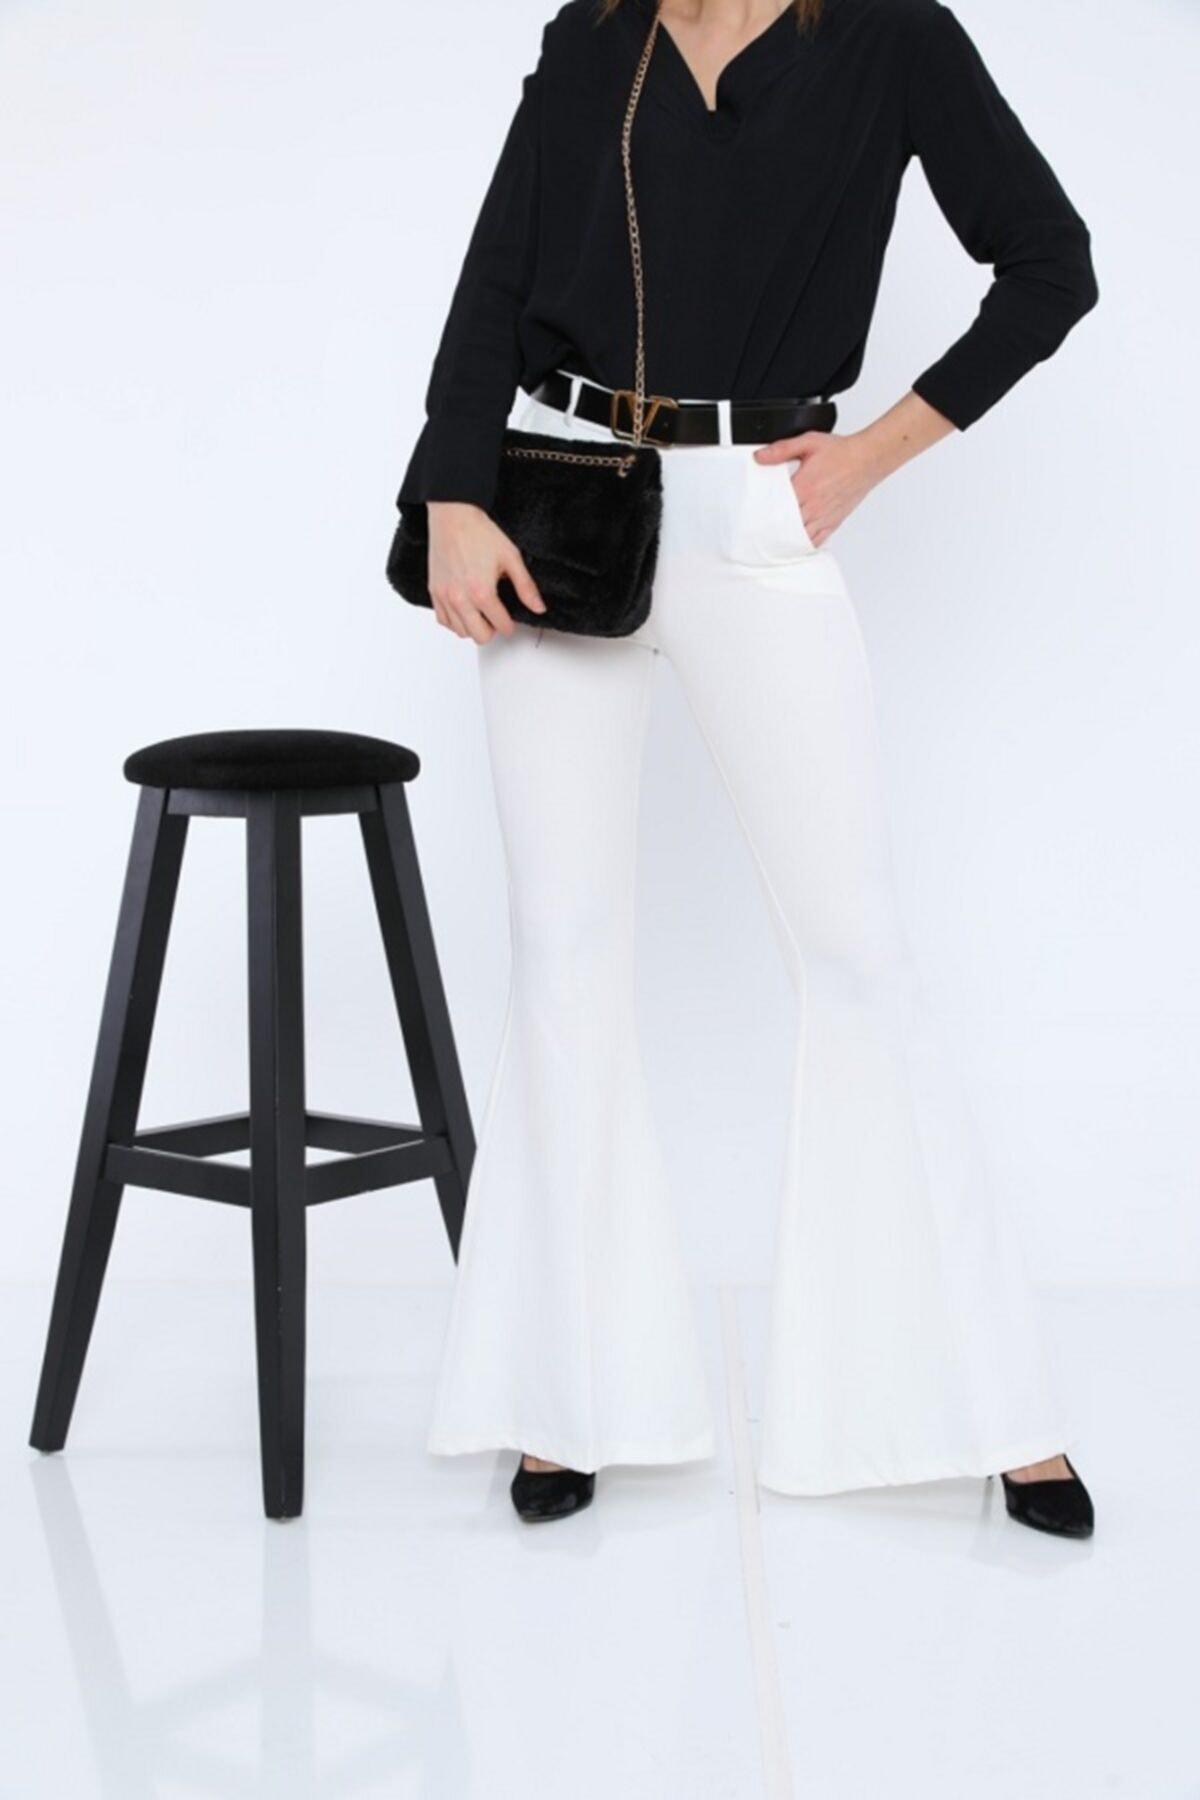 tugg style Kadın Pantolon Double Ispanyol Paça Genişliği 40 Cm'dir. 2